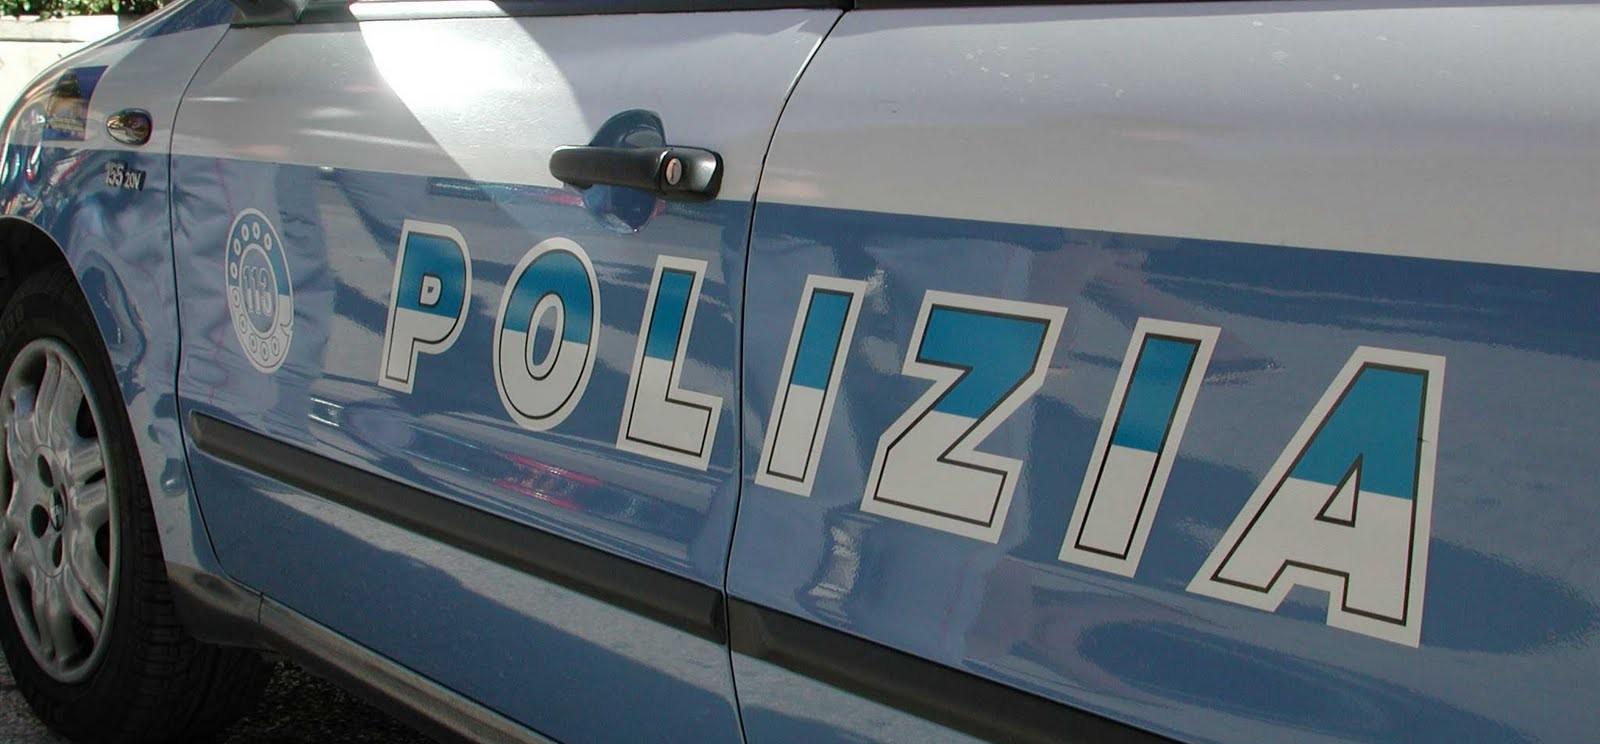 Polizia truffatori lavoro